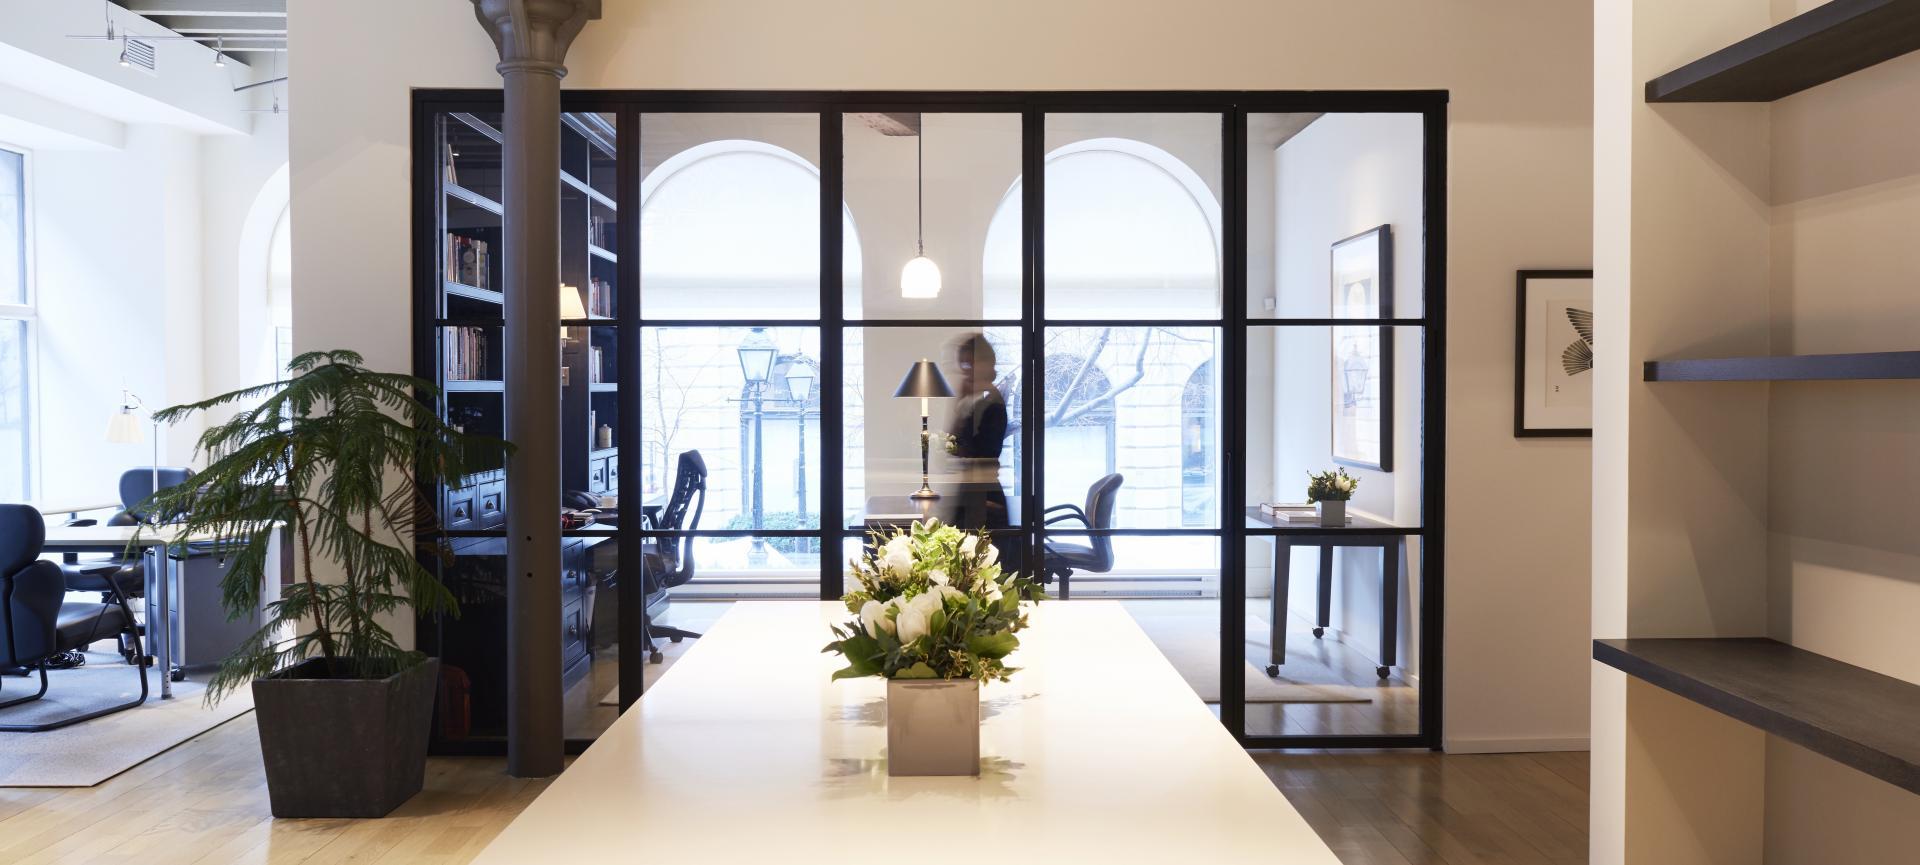 coh sion cabinet conseil sp cialis en strat gie de marques 360. Black Bedroom Furniture Sets. Home Design Ideas